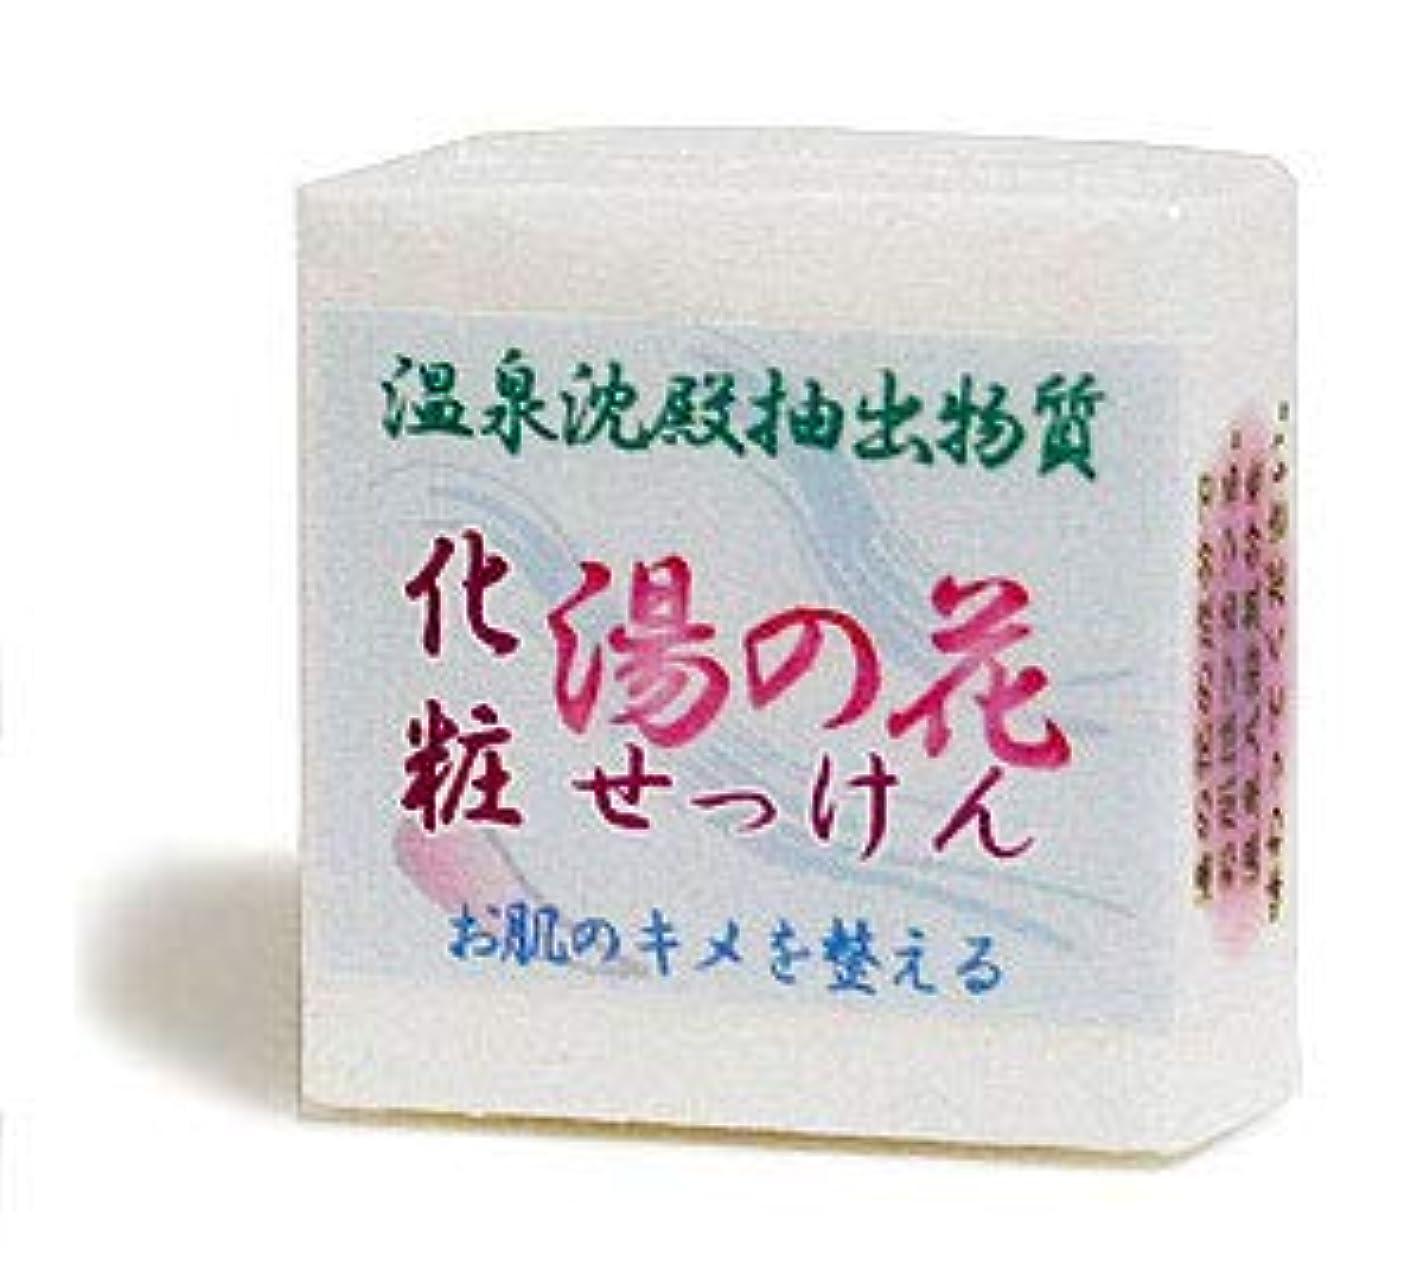 印象的集団的ぼろ湯の花化粧石鹸 ハーフサイズ